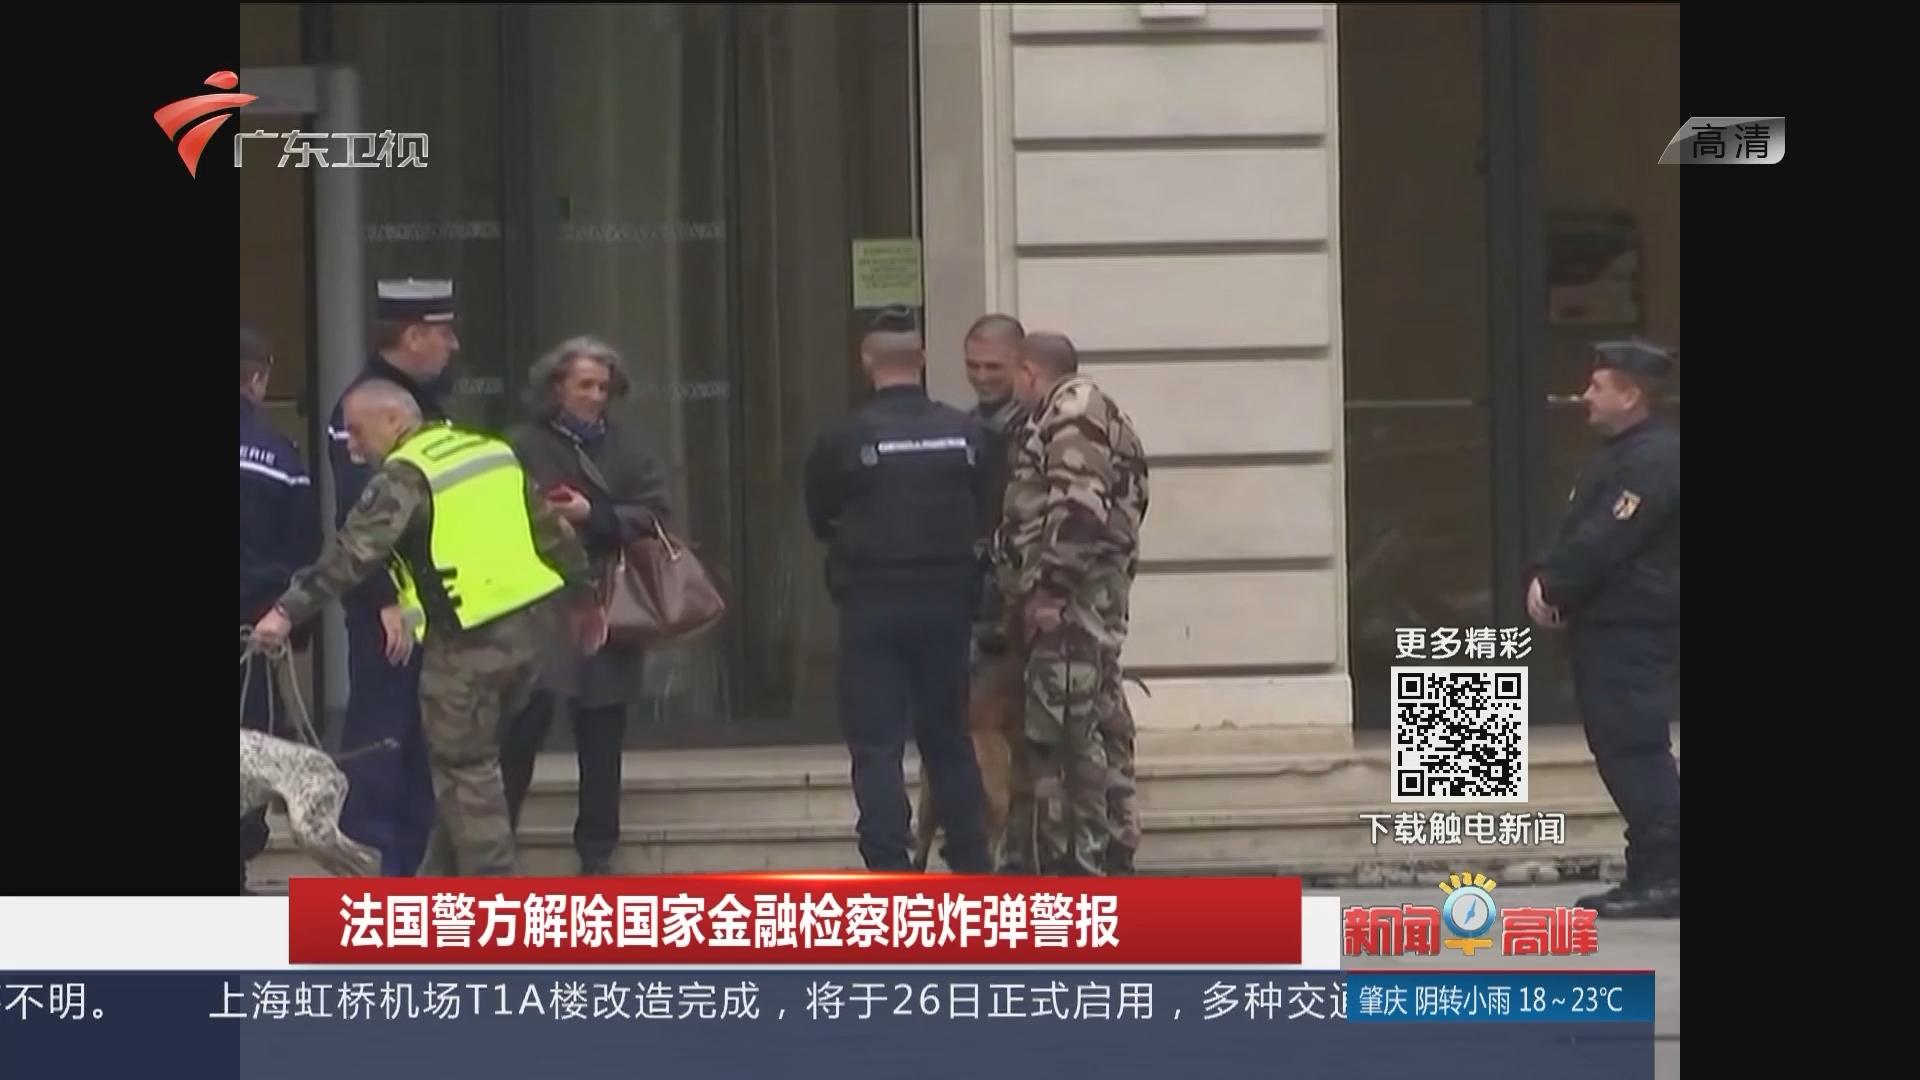 法国警方解除国家金融检察院炸弹警报